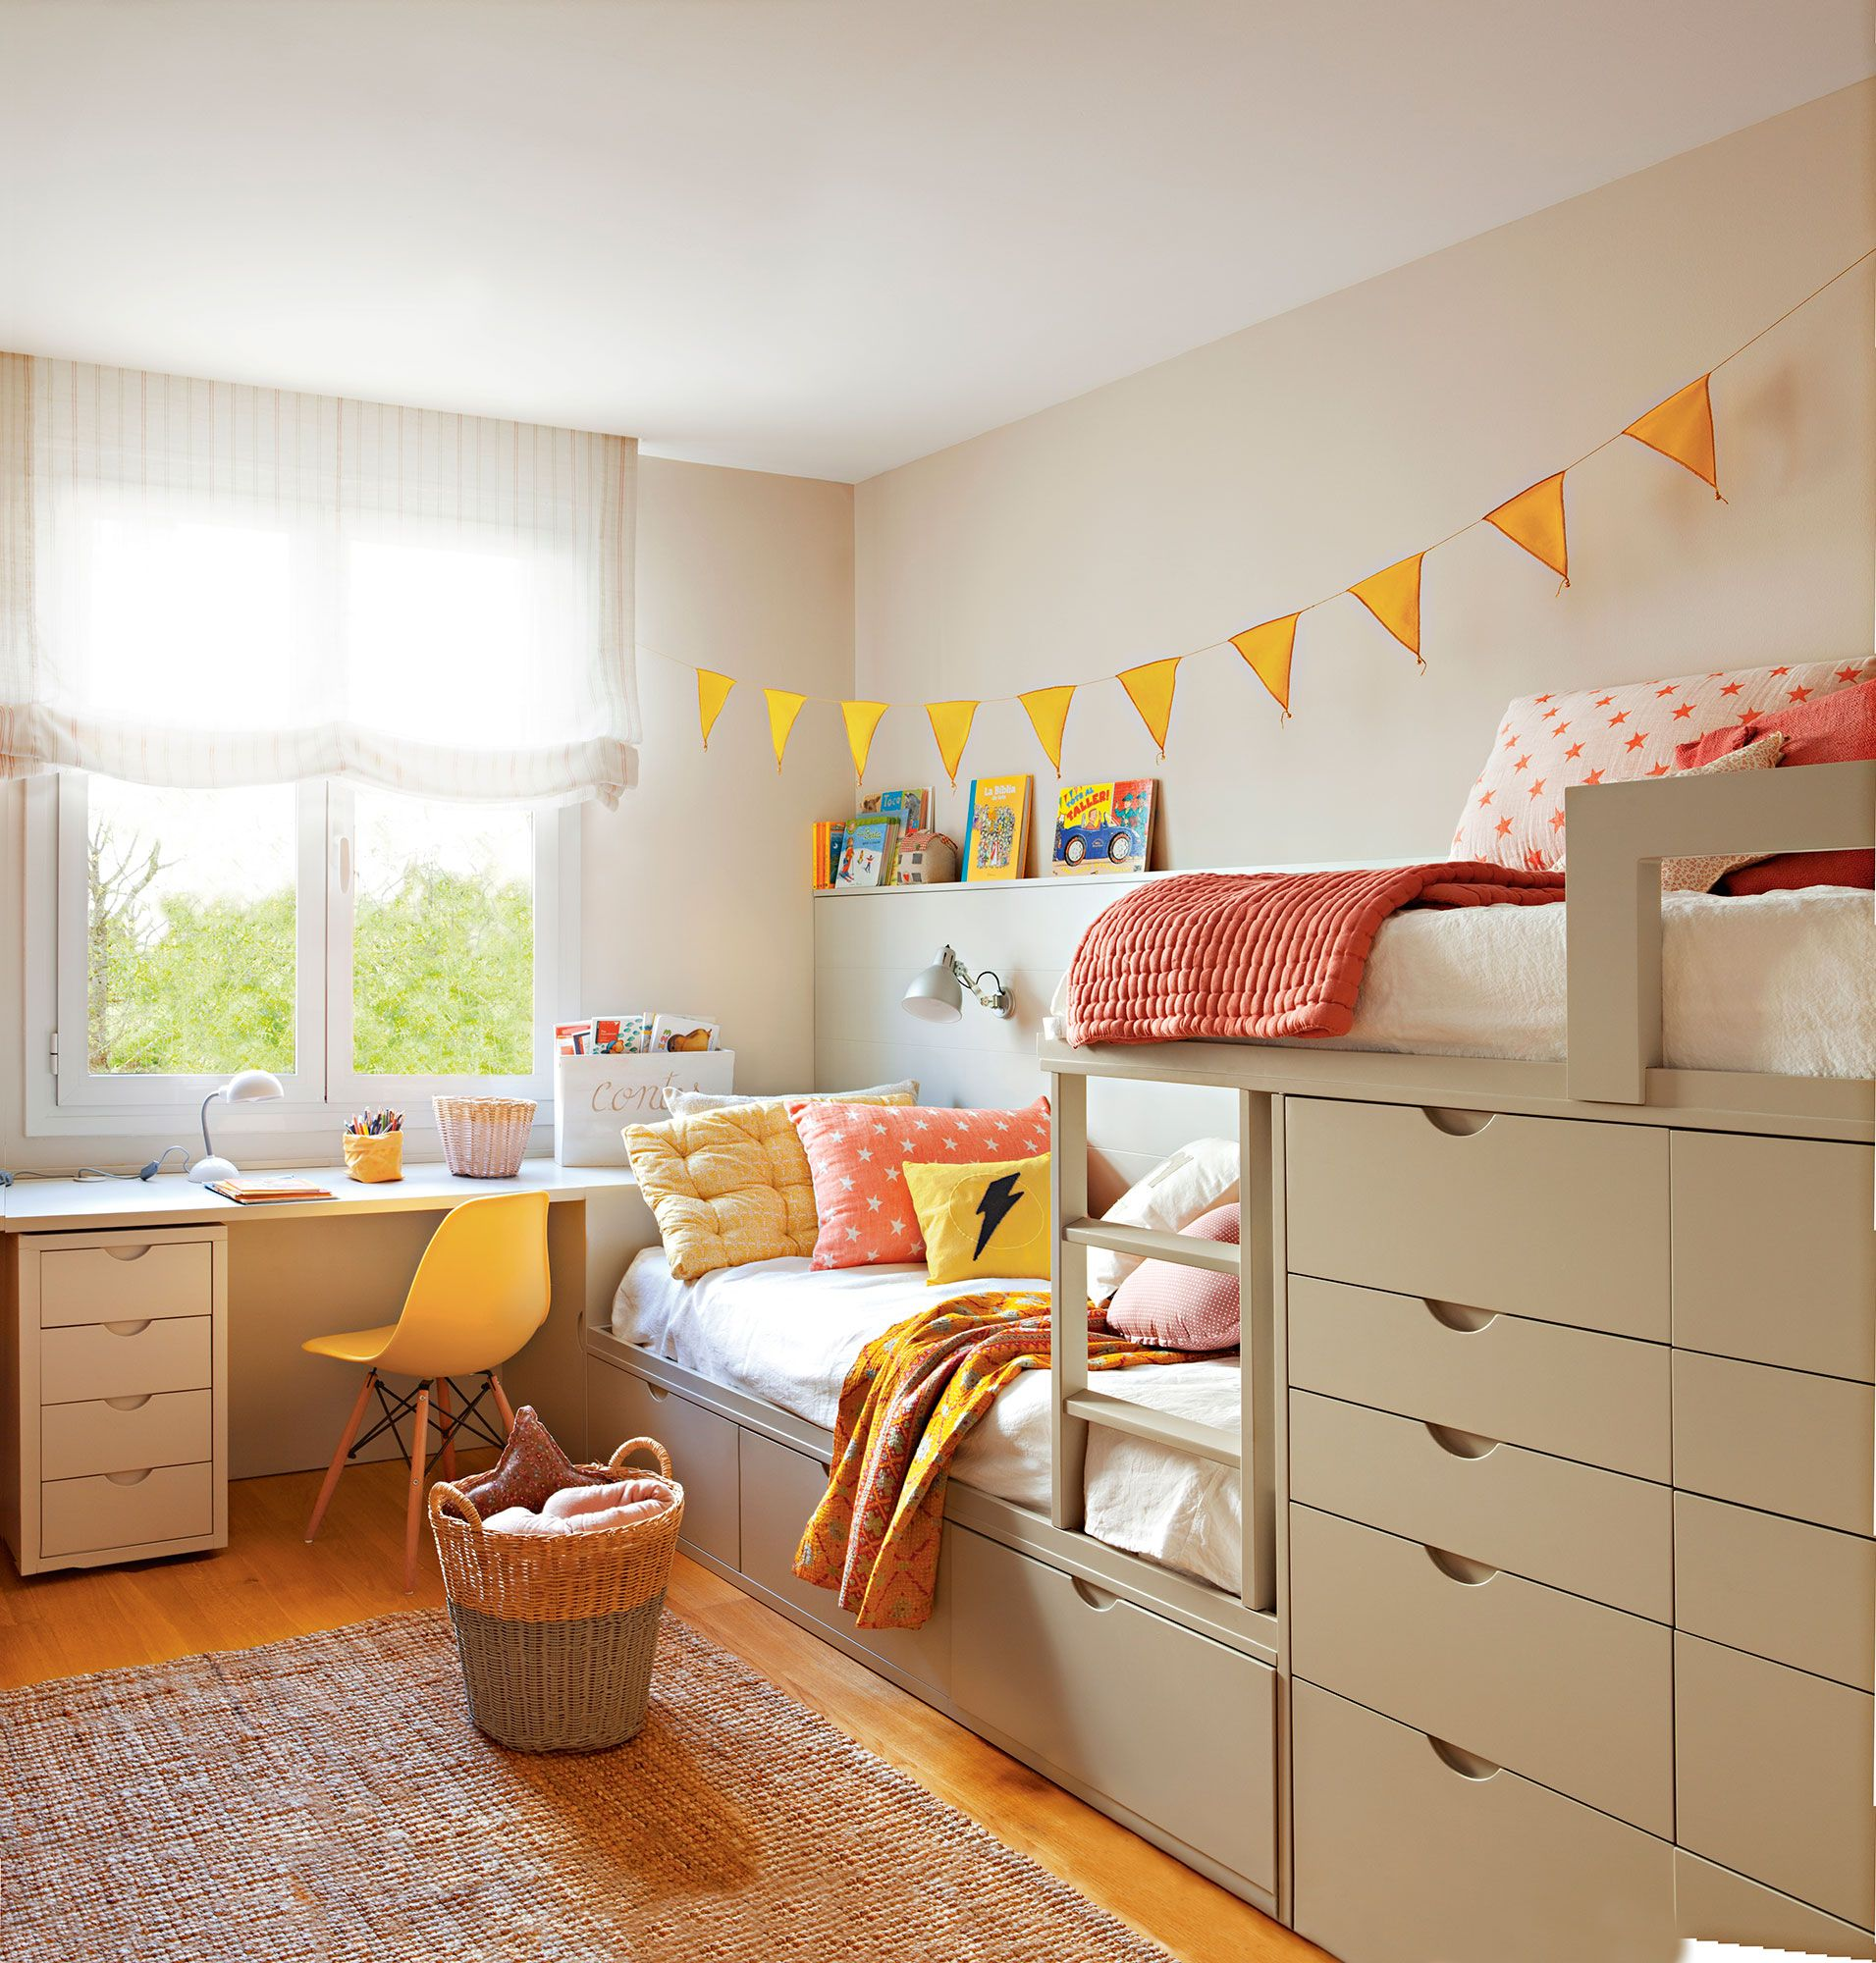 Habitaci n infantil con litera tipo tren y zona de estudio bajo la